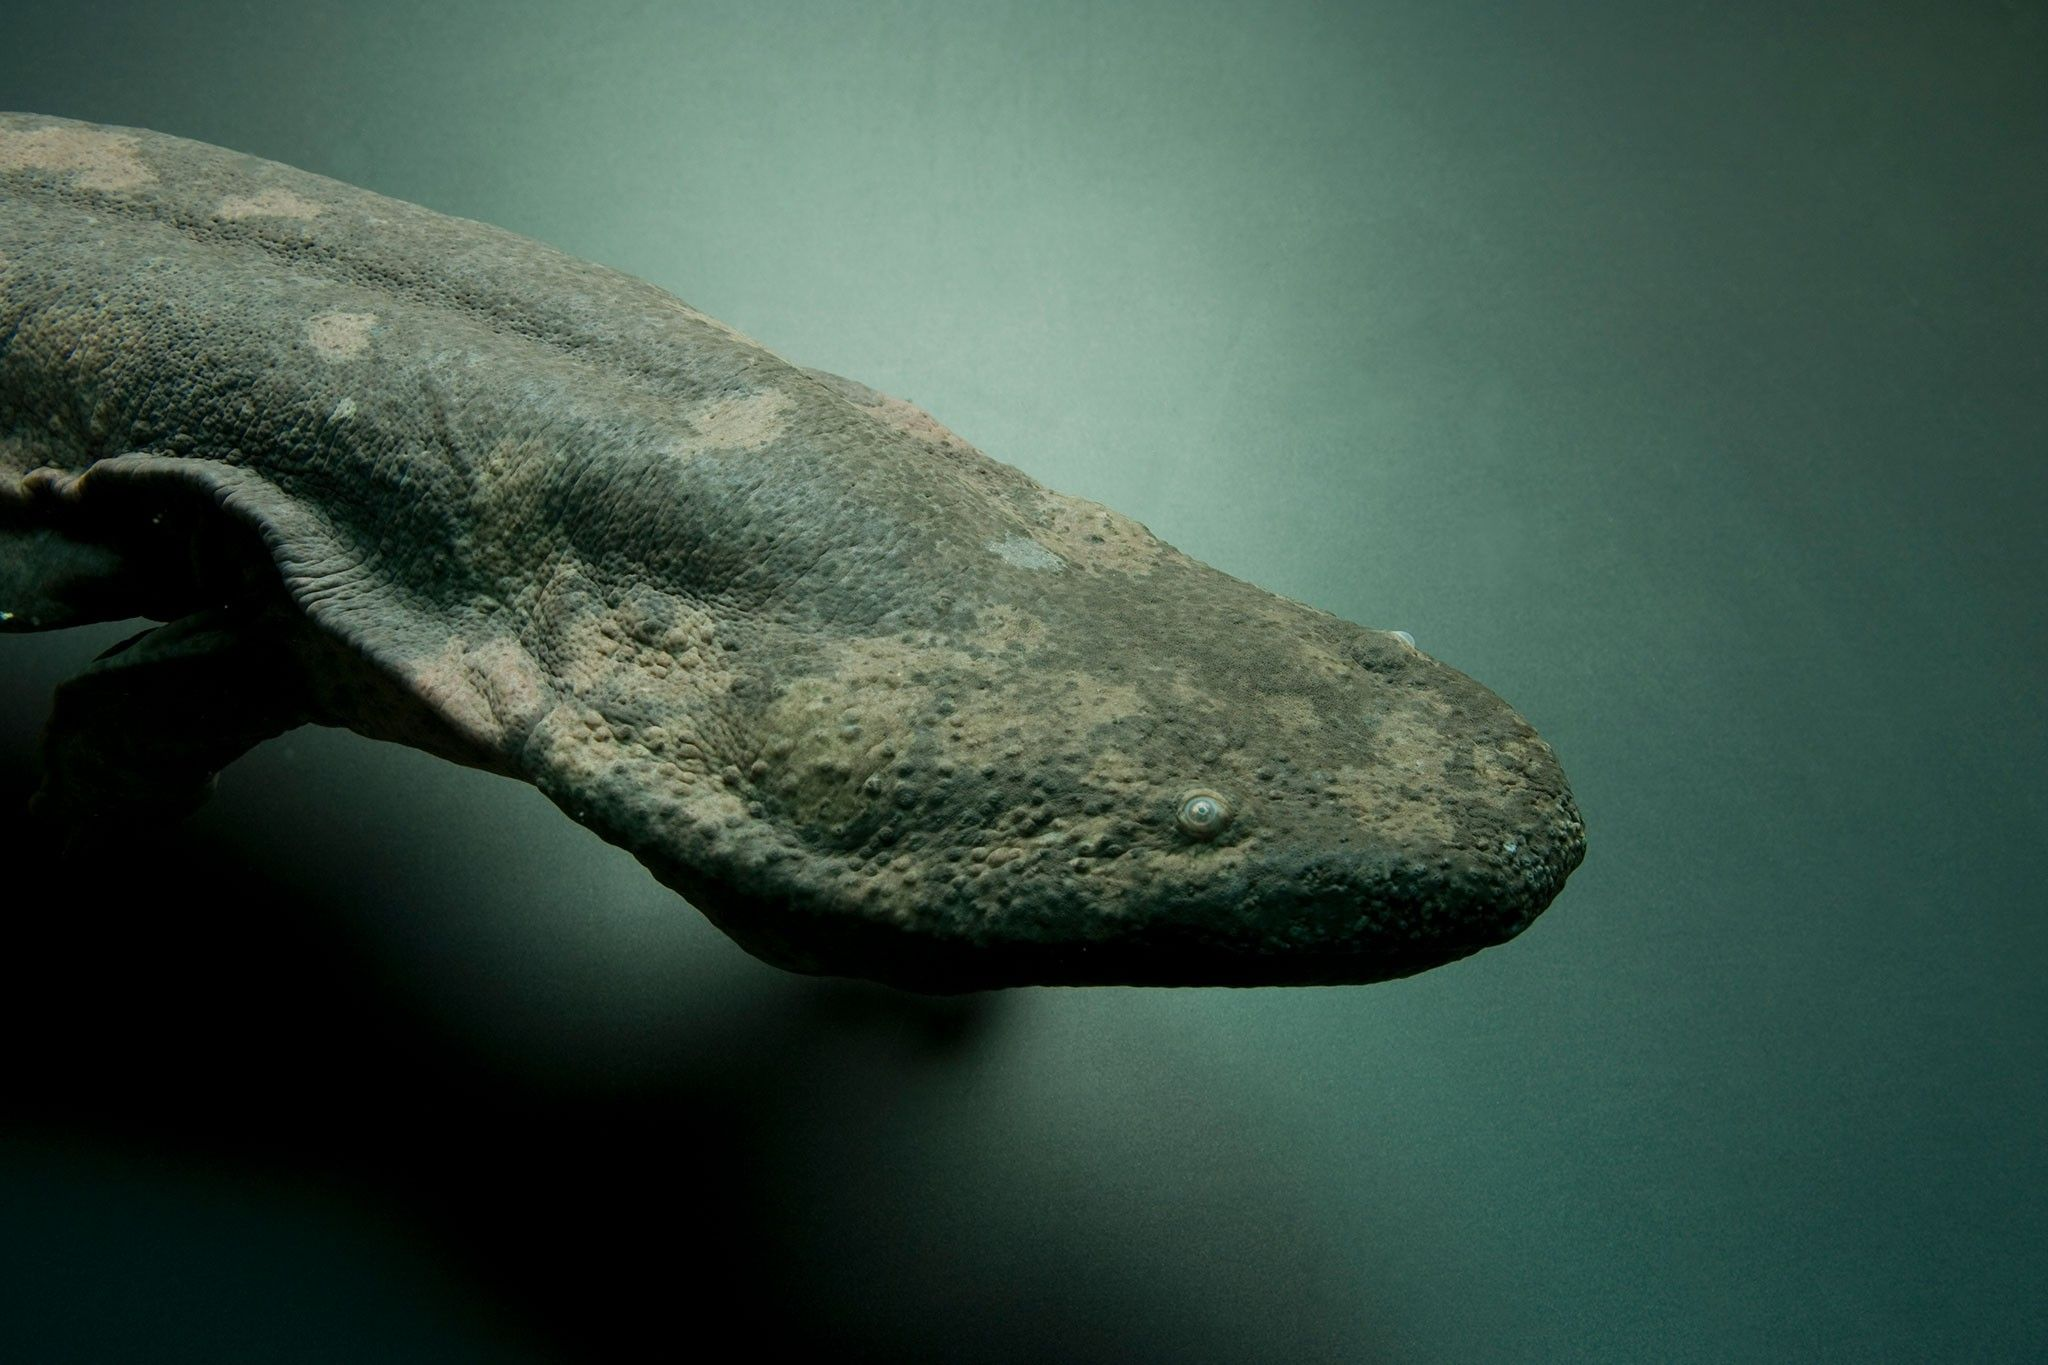 À peine découvert, le plus grand amphibien au monde est déjà menacé d'extinction | National Geographic